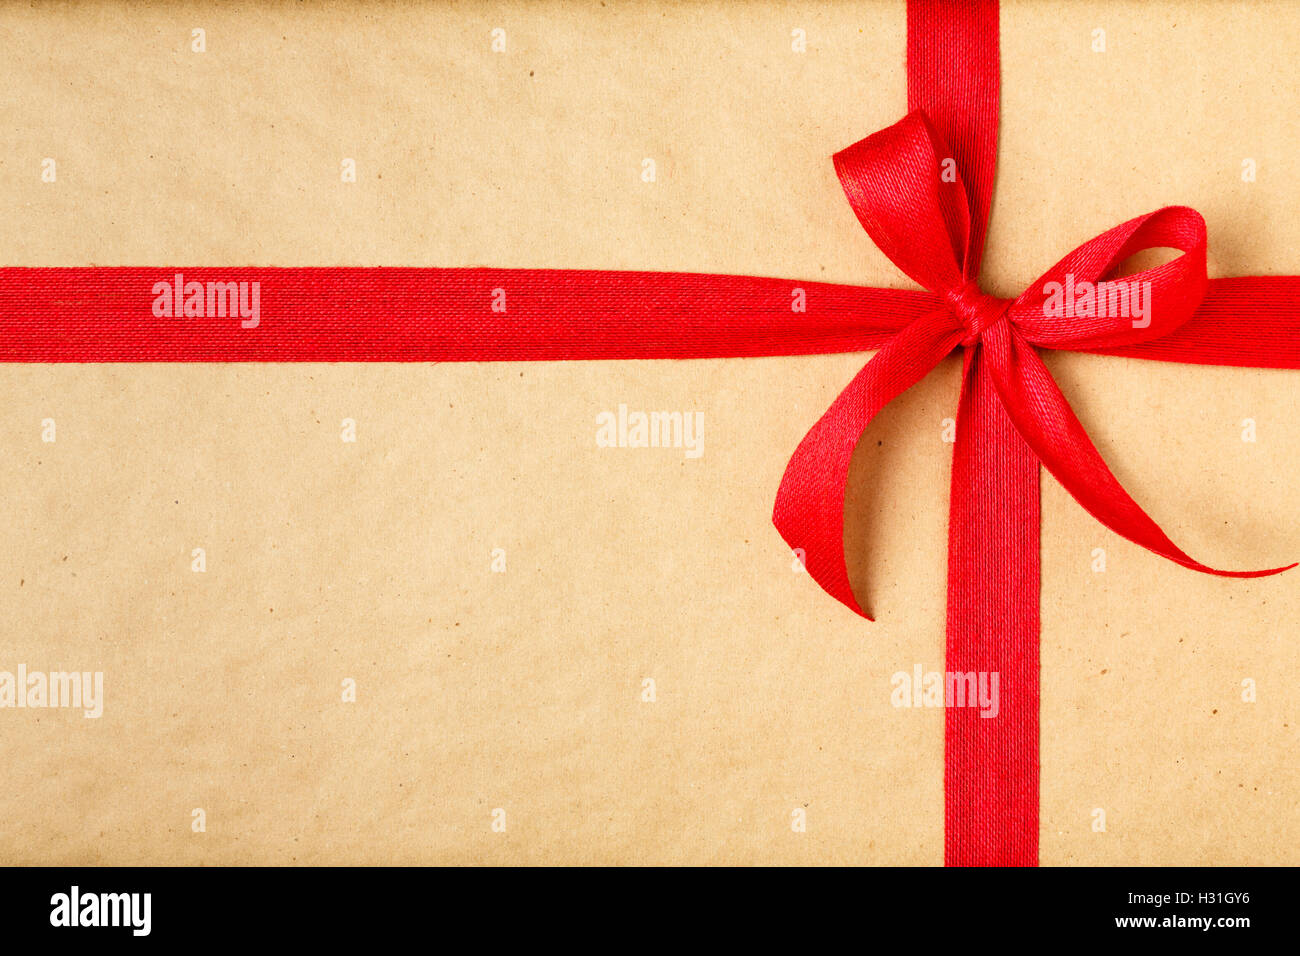 Cadeau de Noël cadeau de Noël Simple fond avec du papier d'emballage recyclé et red bow Photo Stock